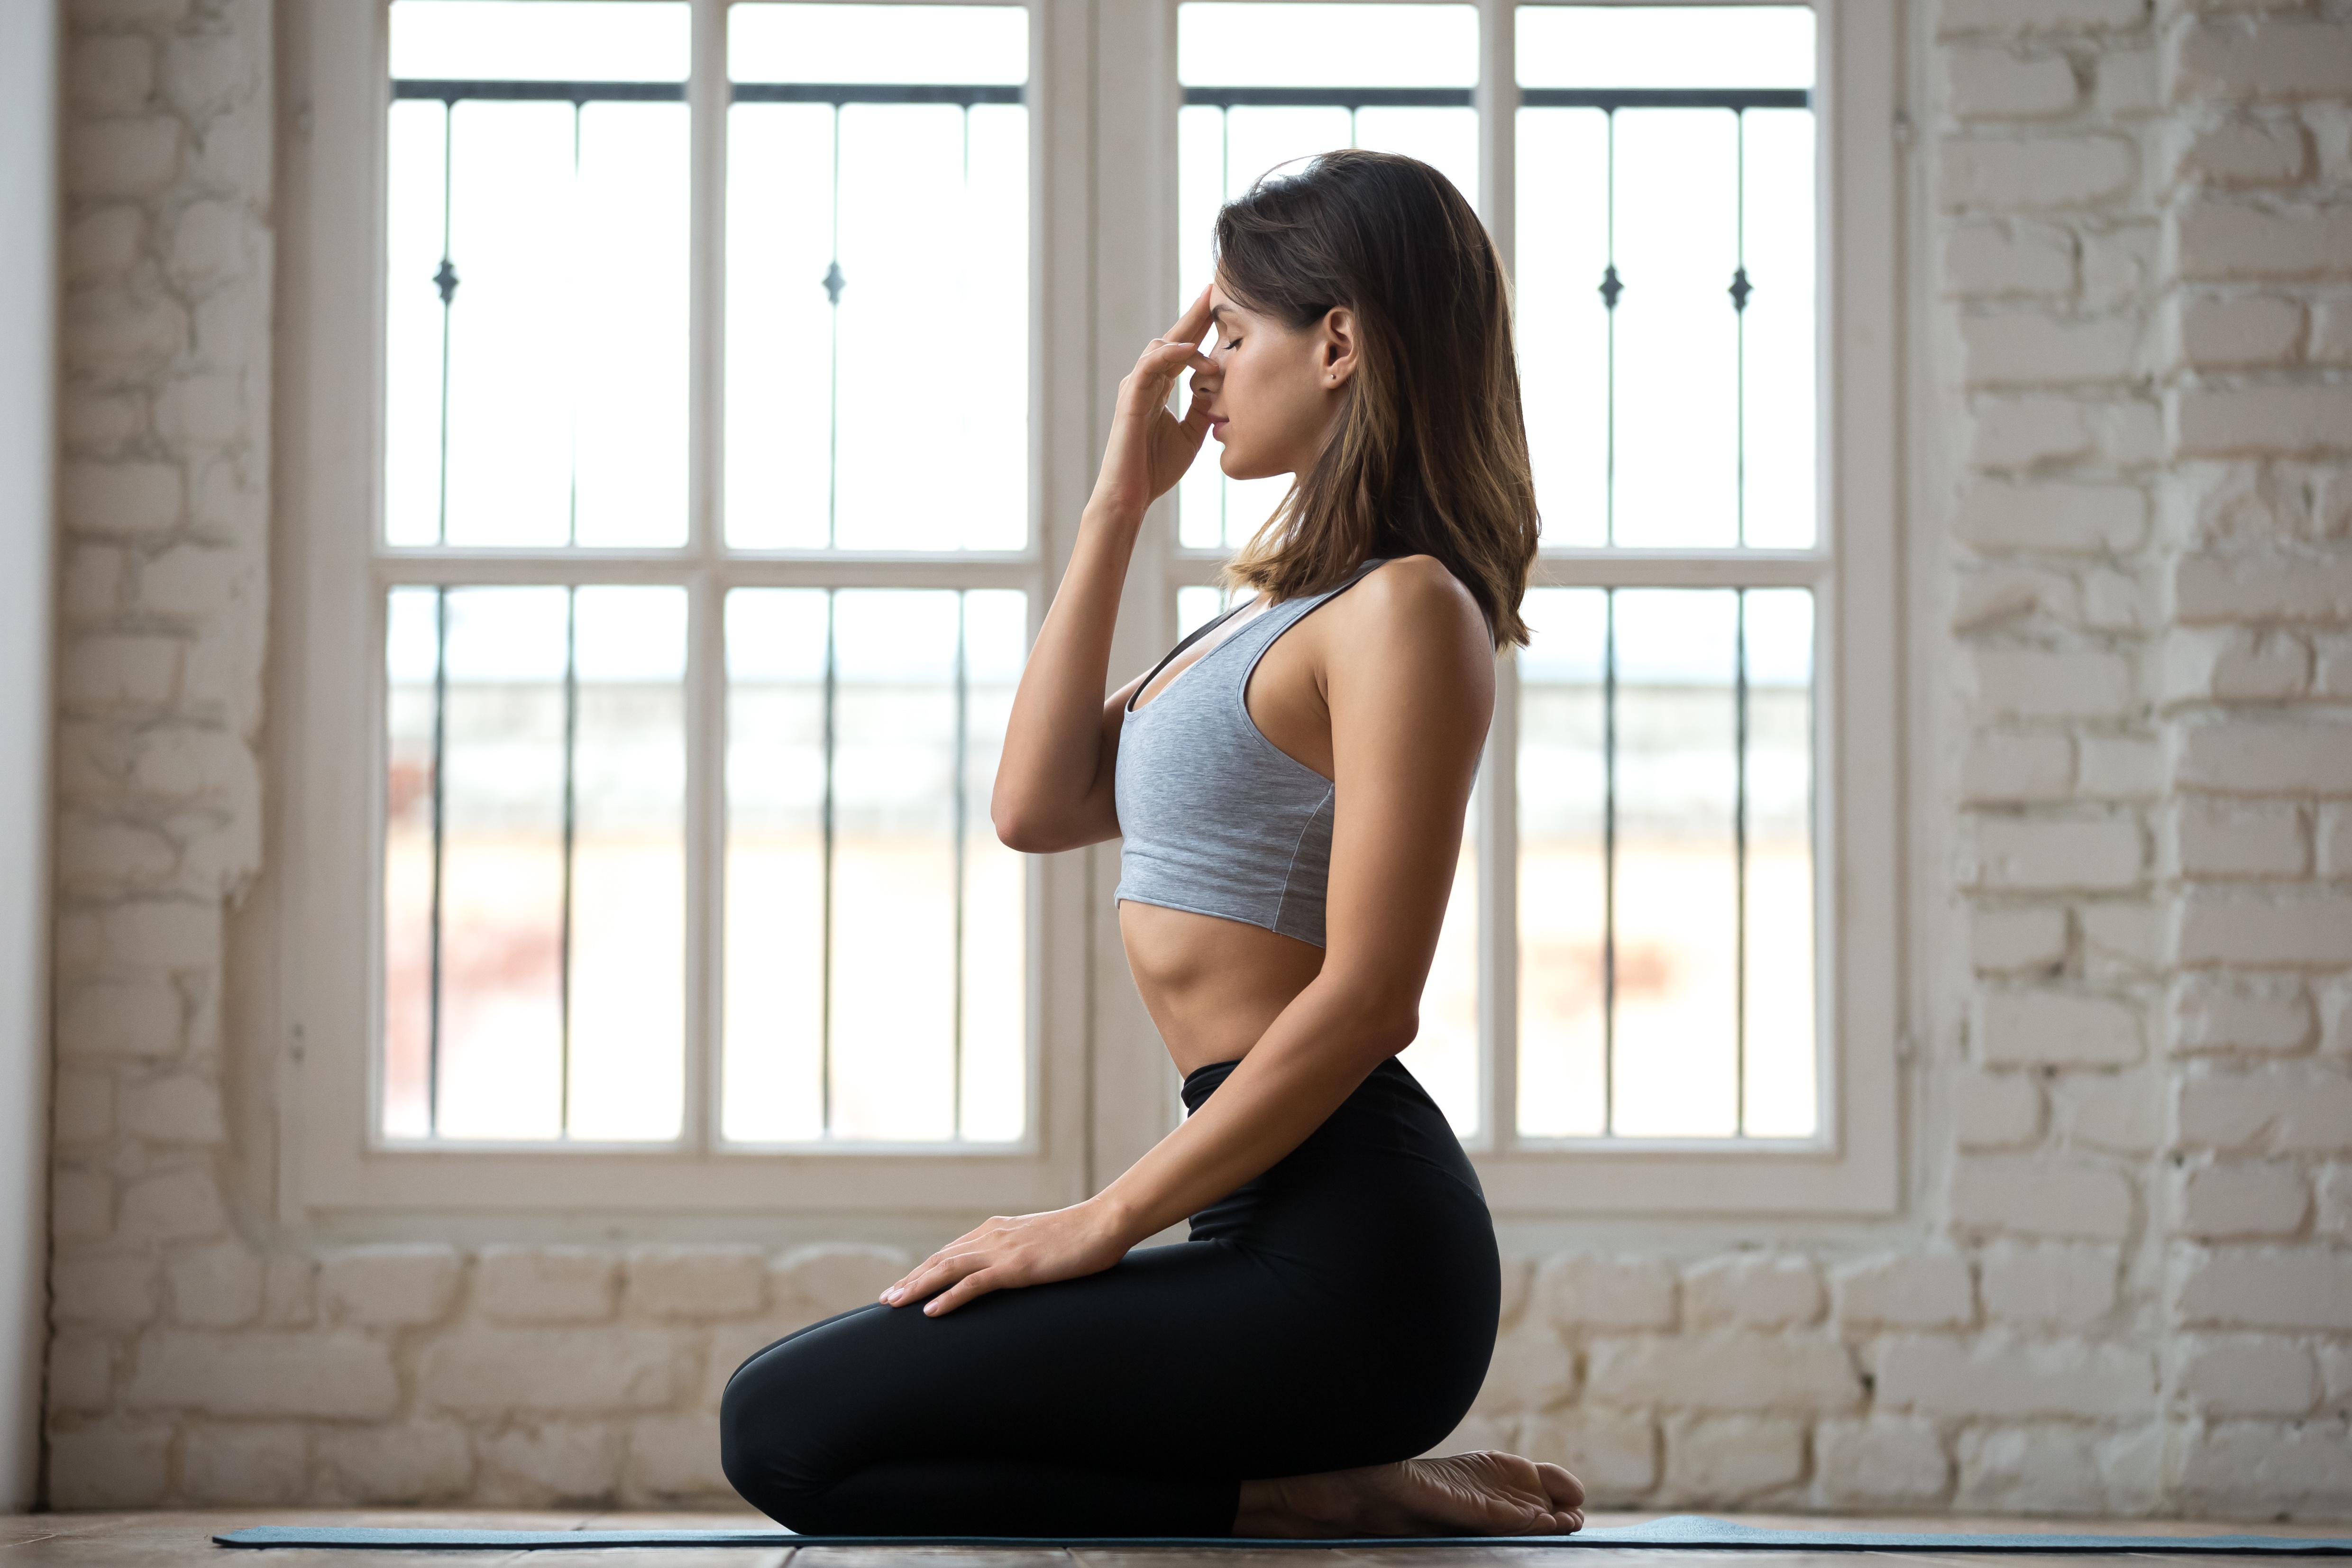 Skinsider Breathing techniques & Skincare